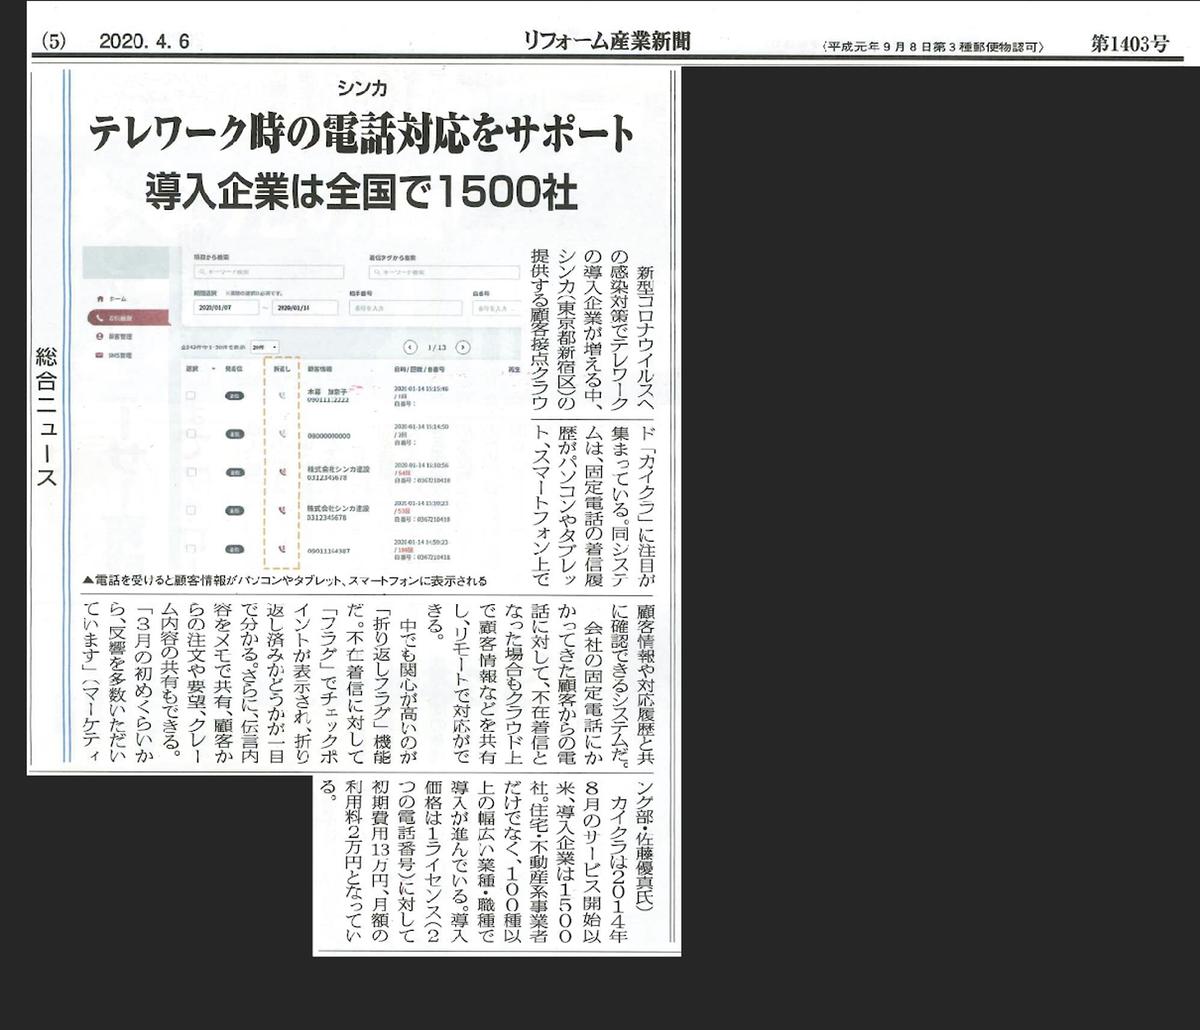 リフォーム産業新聞のシンカテレワーク電話対応記事の画像